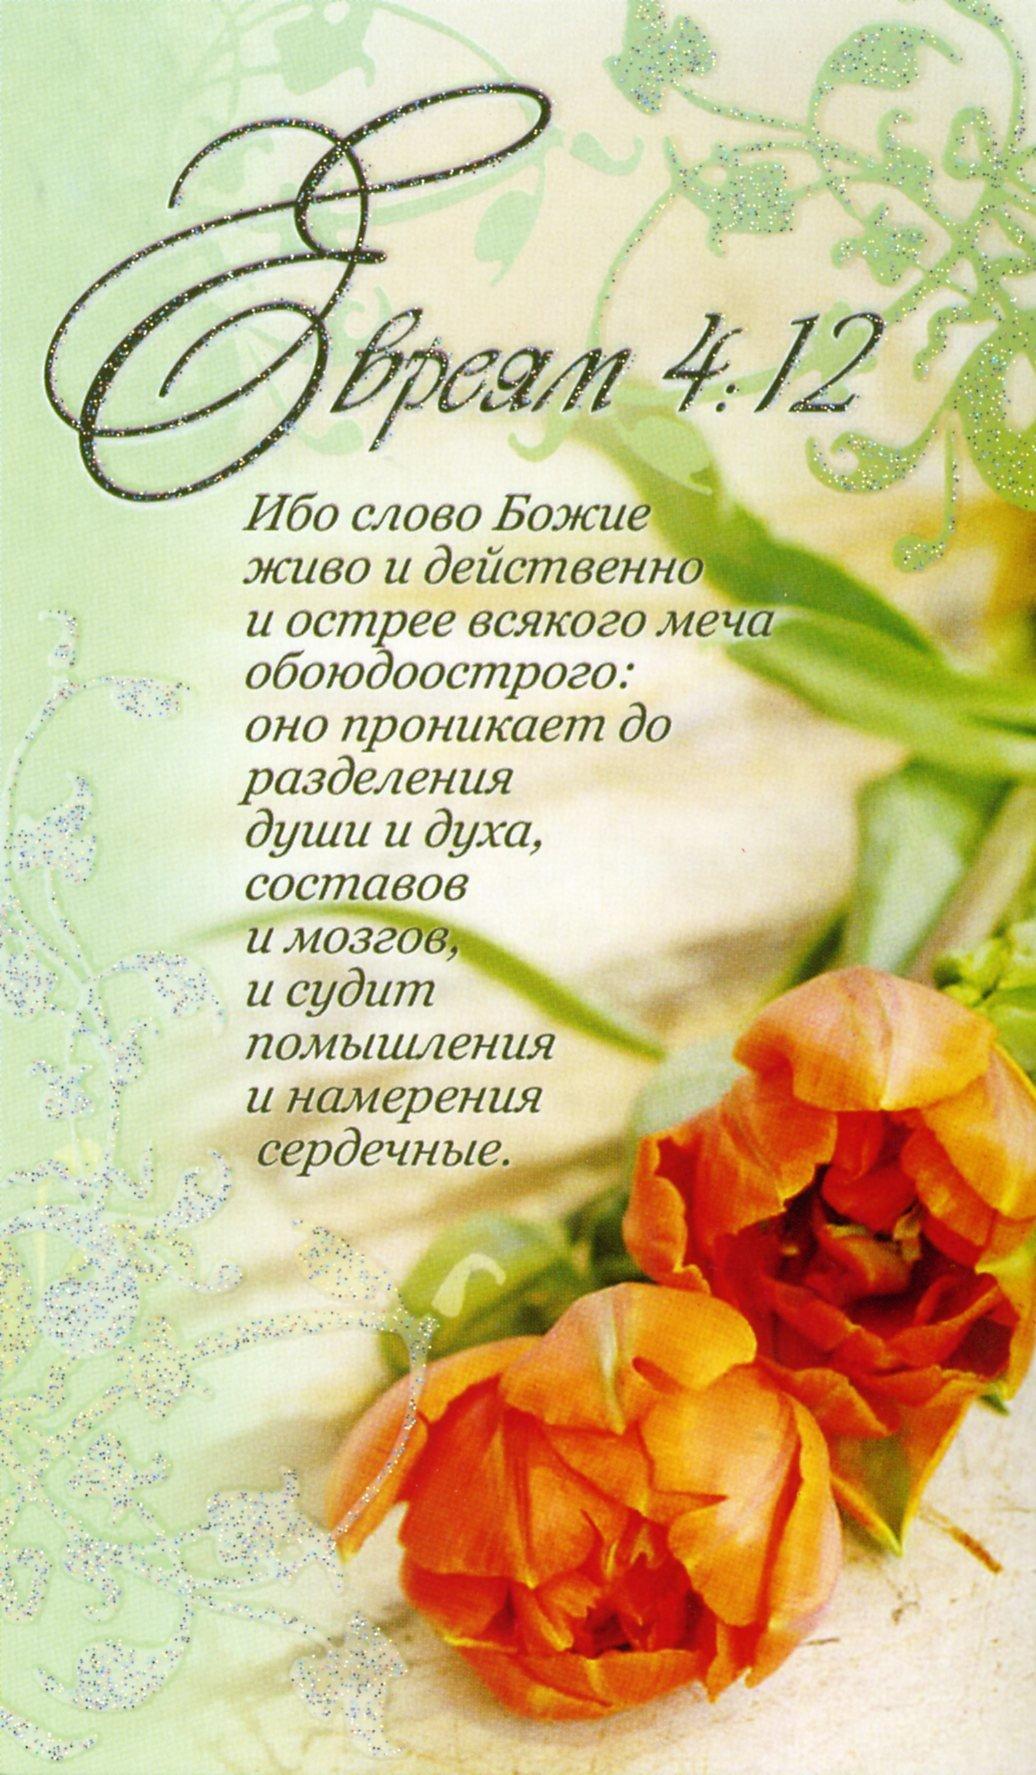 Христианские пожелания открытки